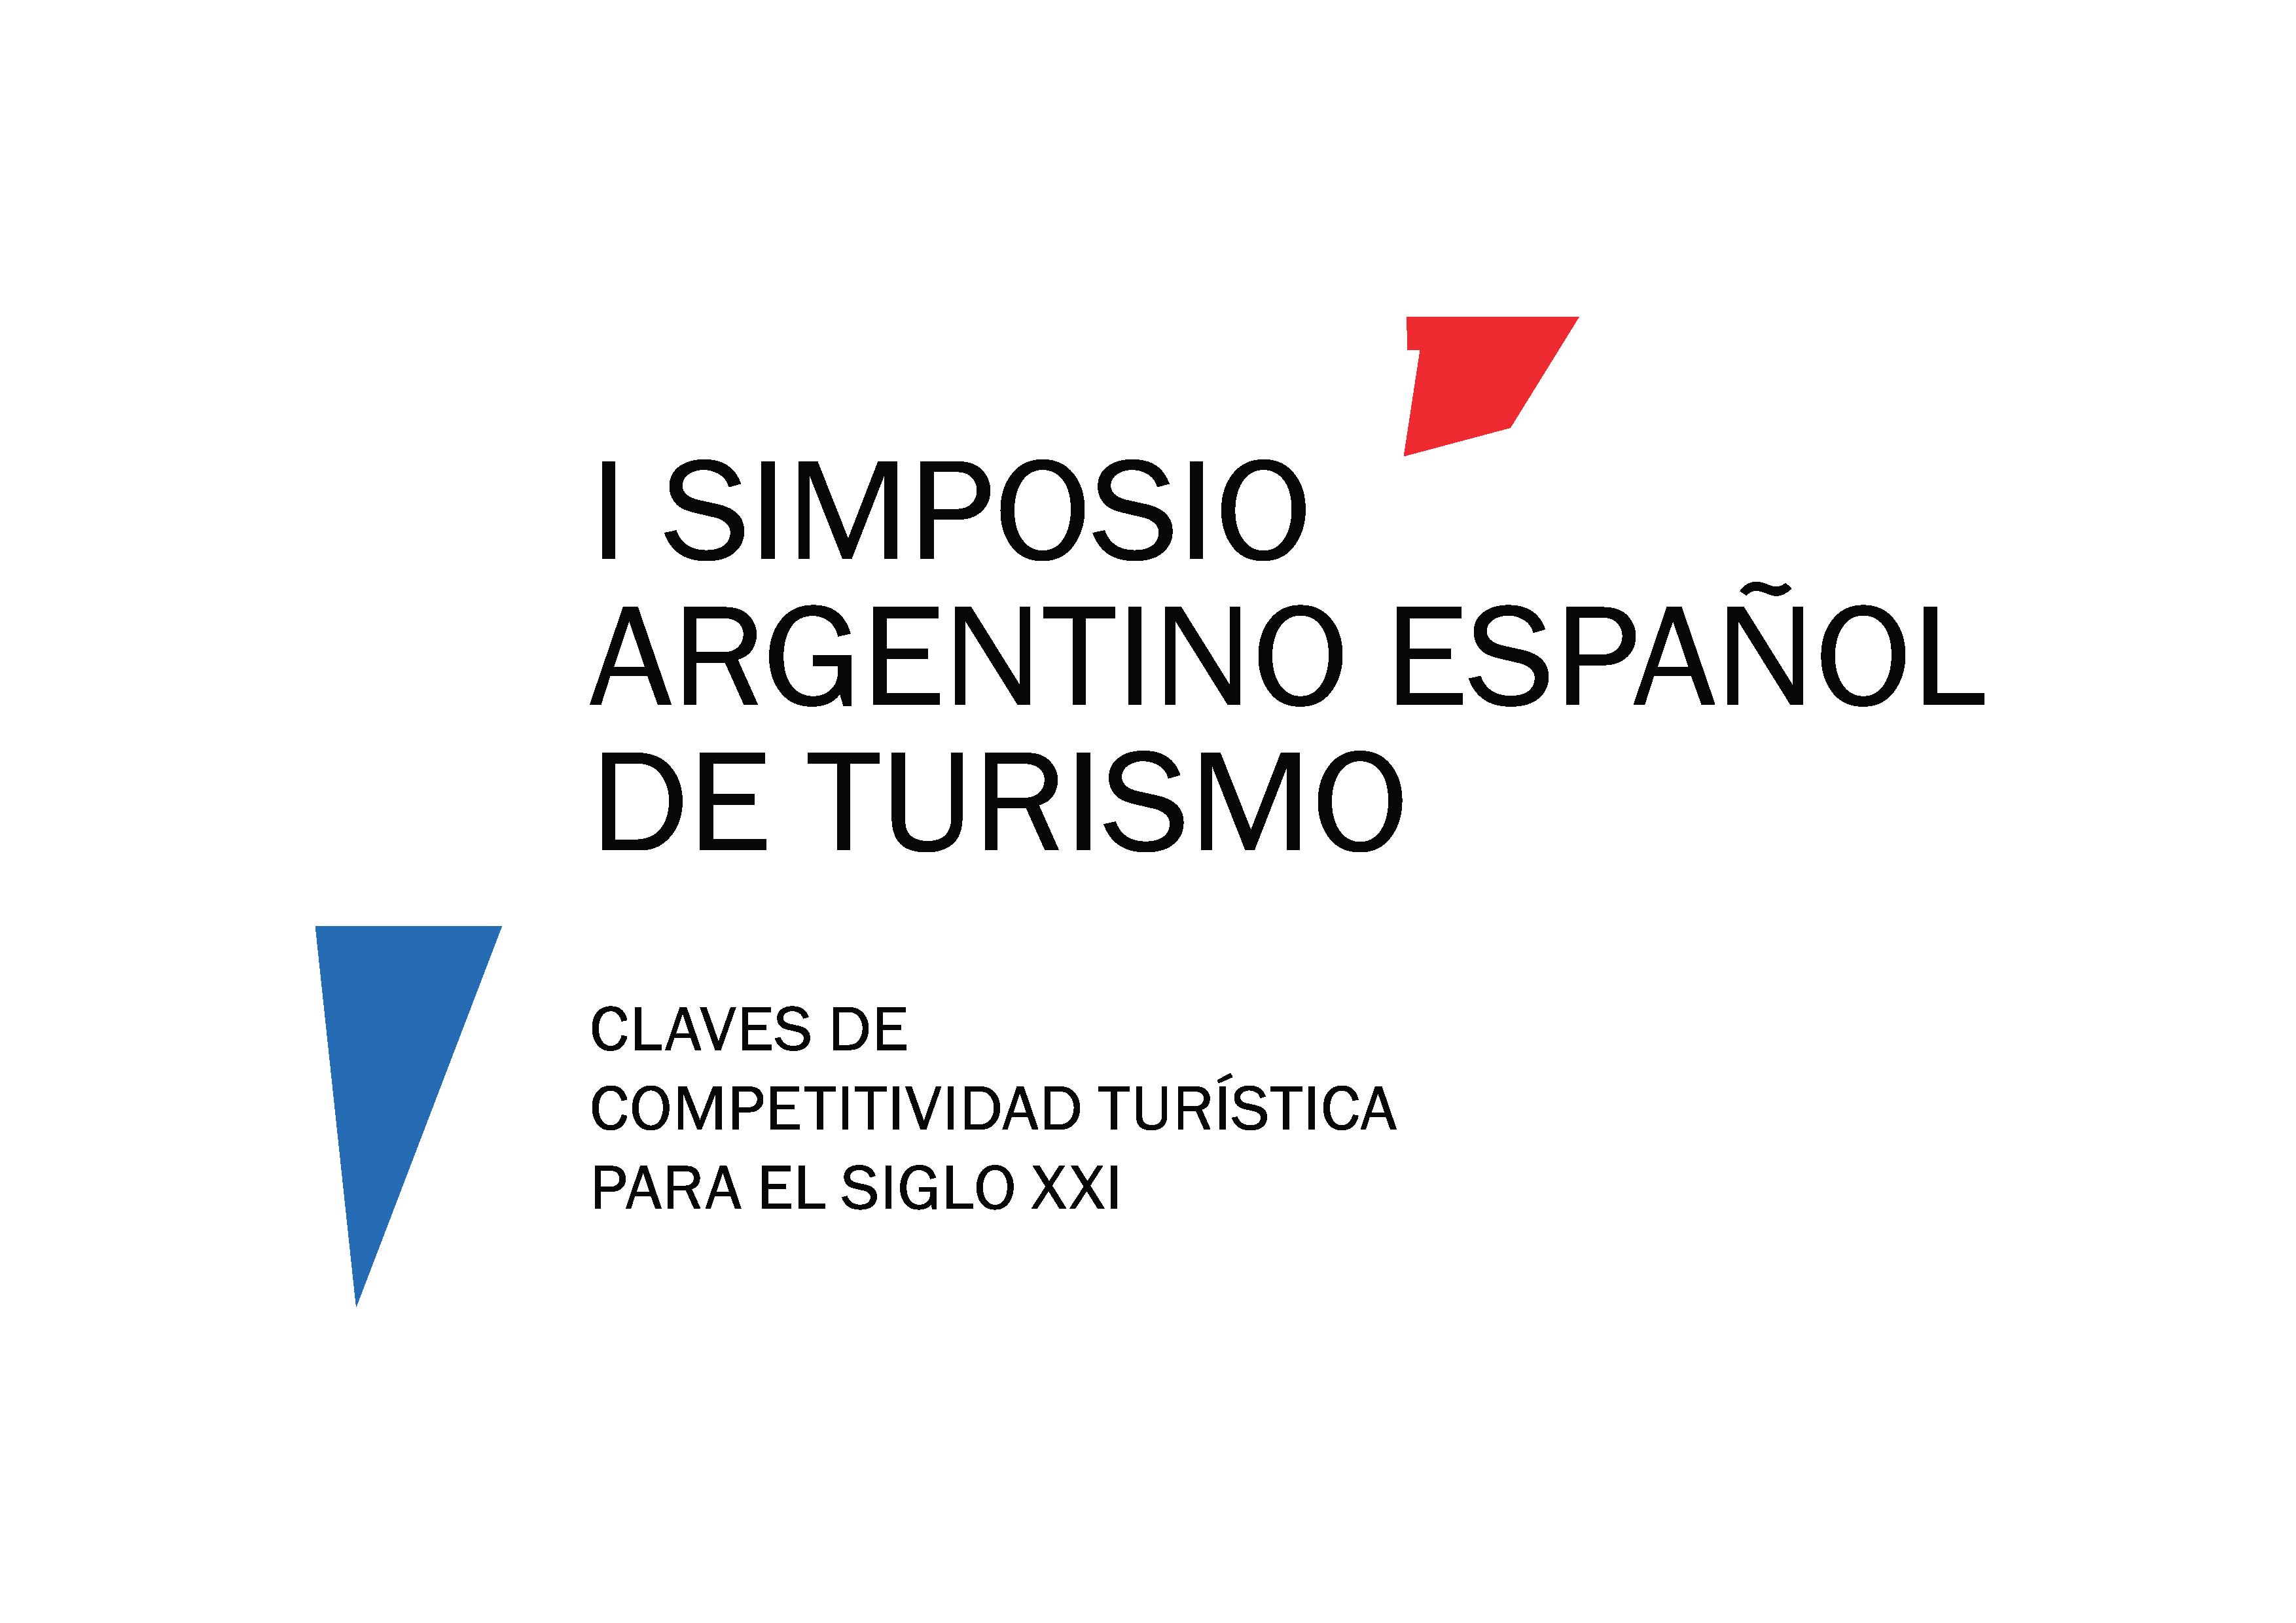 Innovación en la generación de conocimiento turístico entre Argentina y España